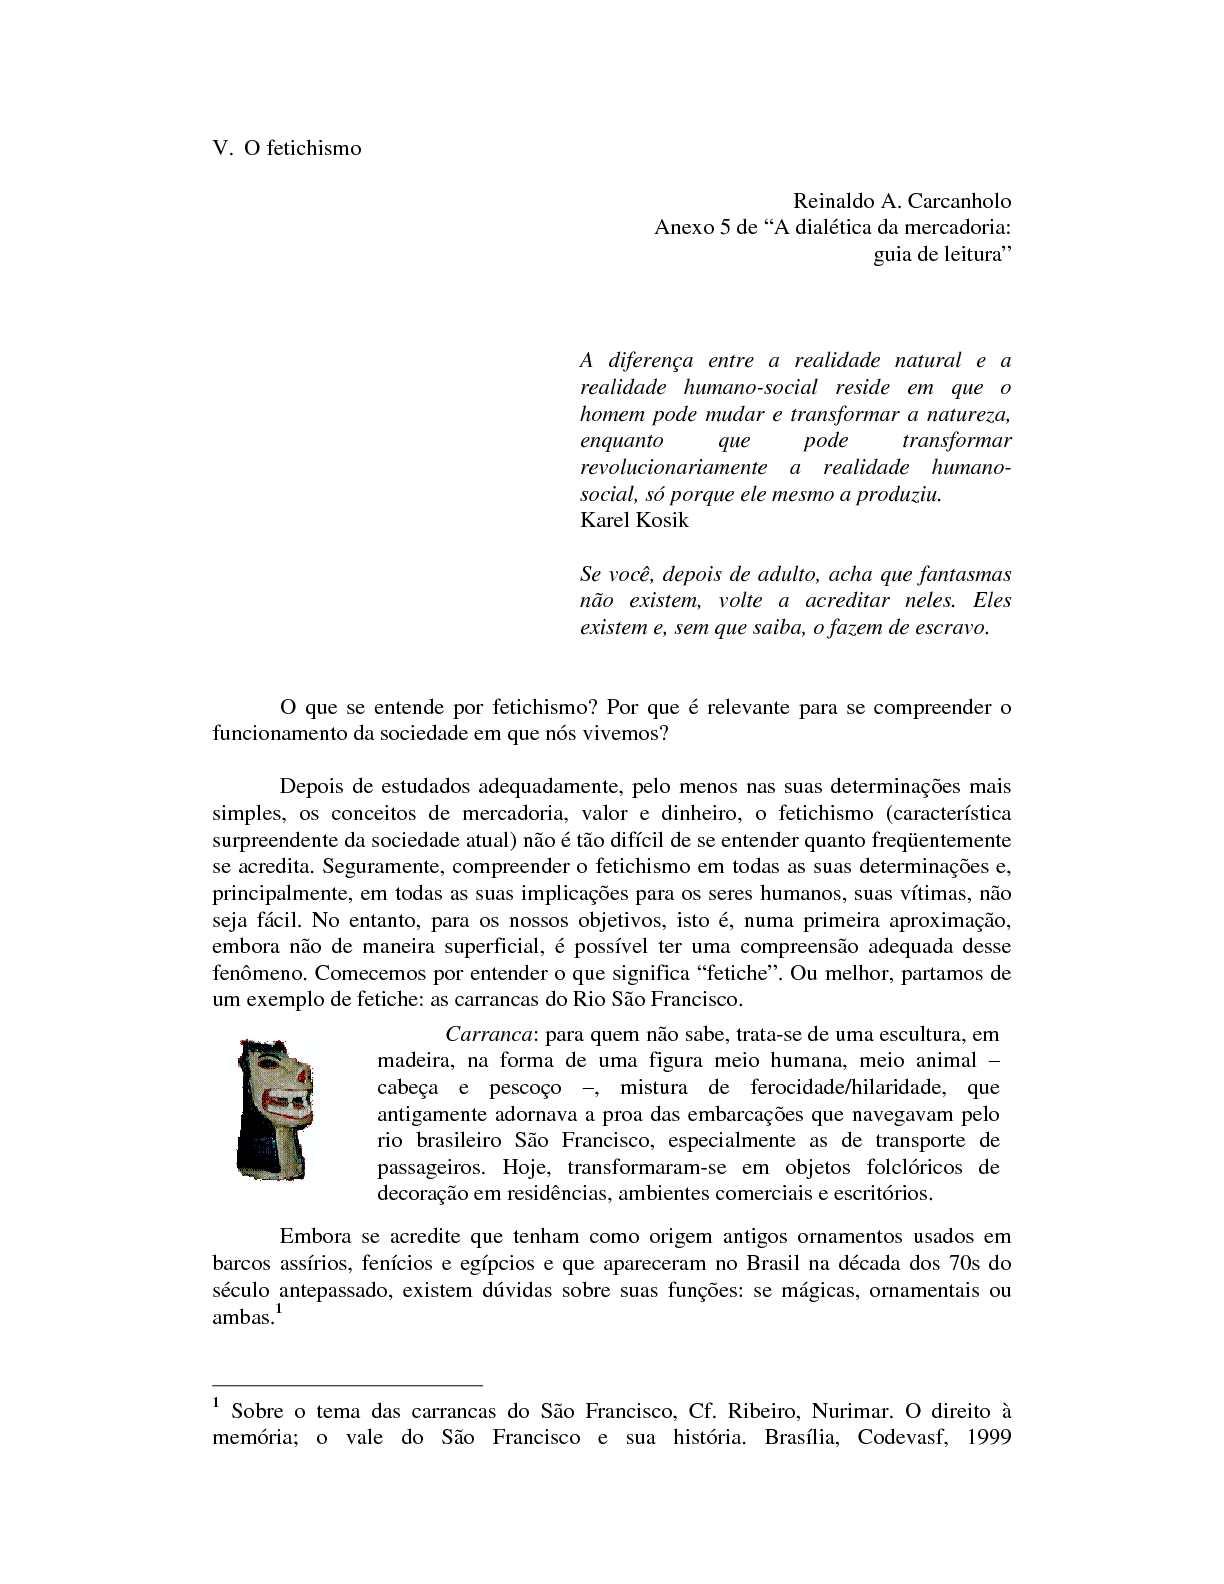 """Anexo 5 da """"Dialética da Mercadoria"""""""